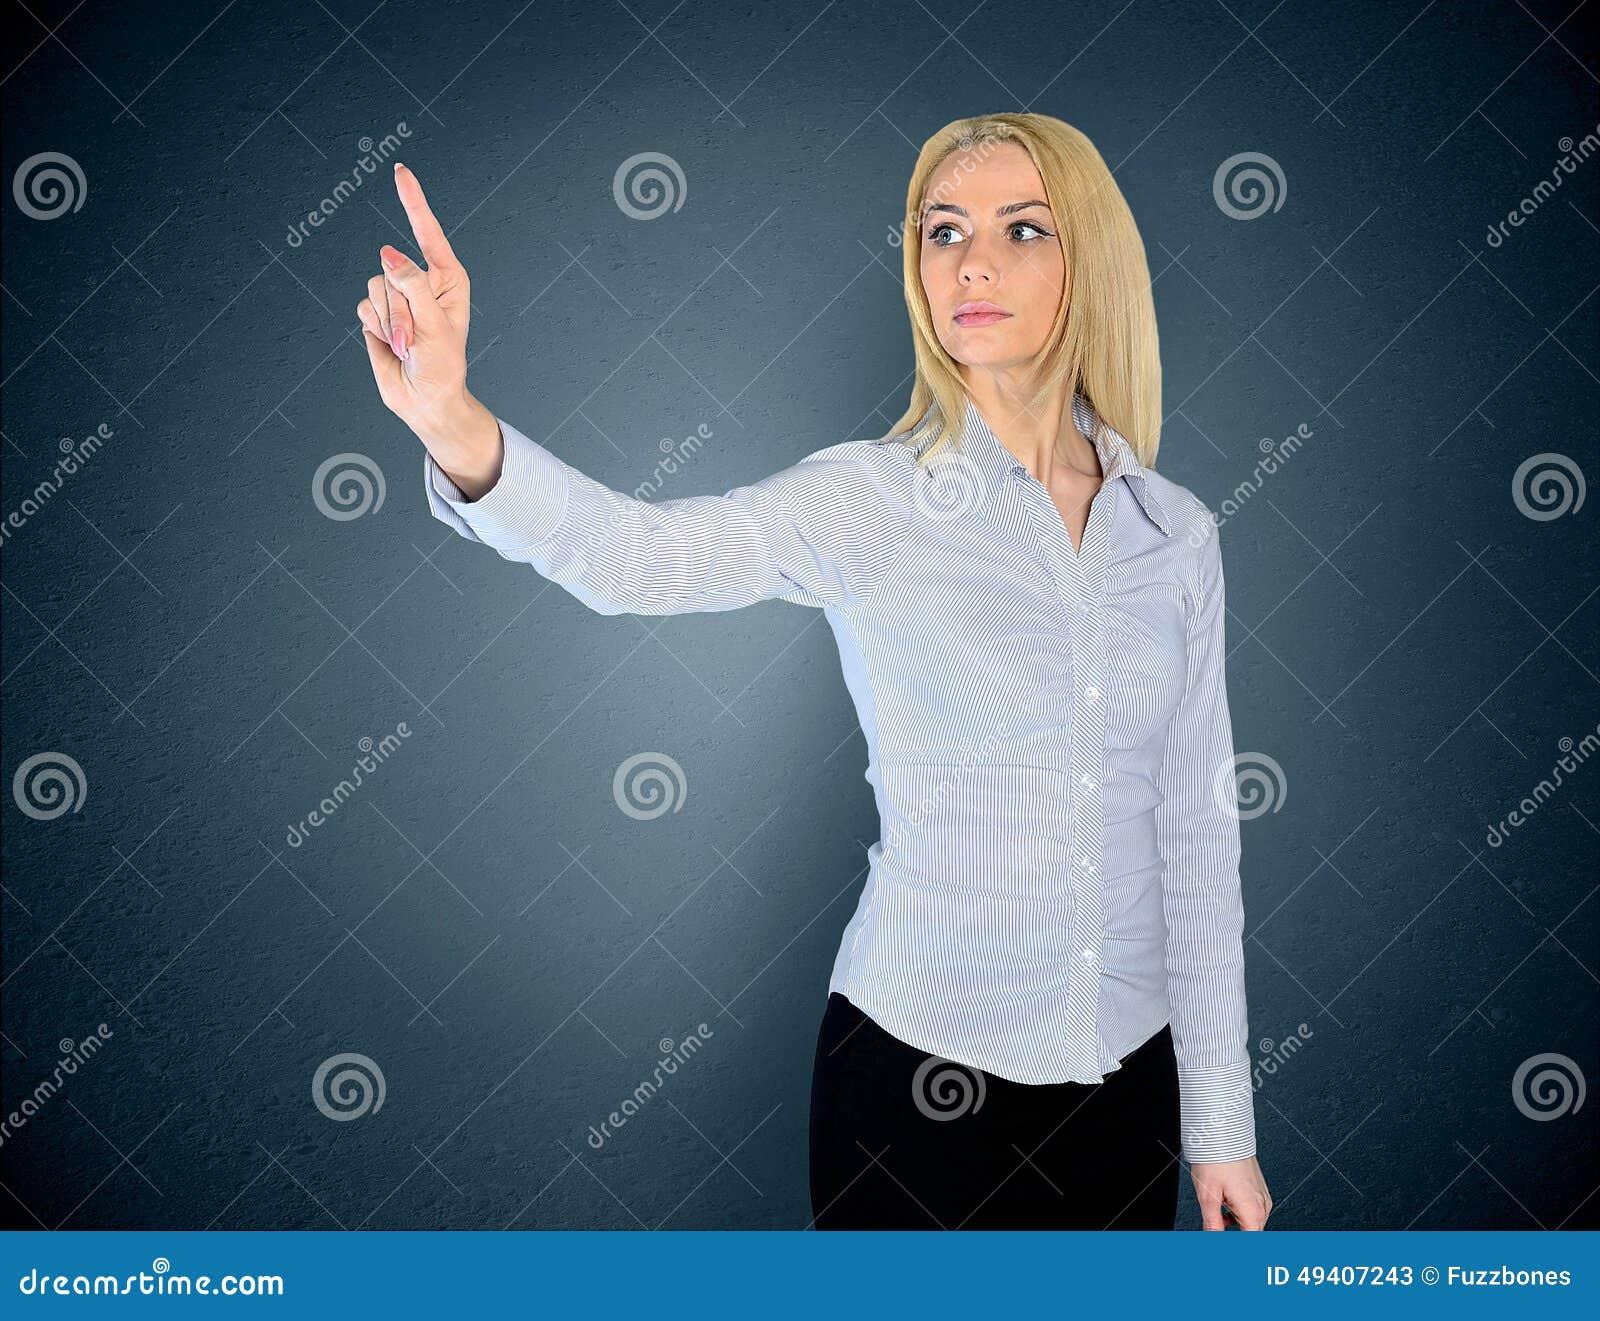 Download Frau, die etwas bedrängt stockbild. Bild von geste, konzept - 49407243